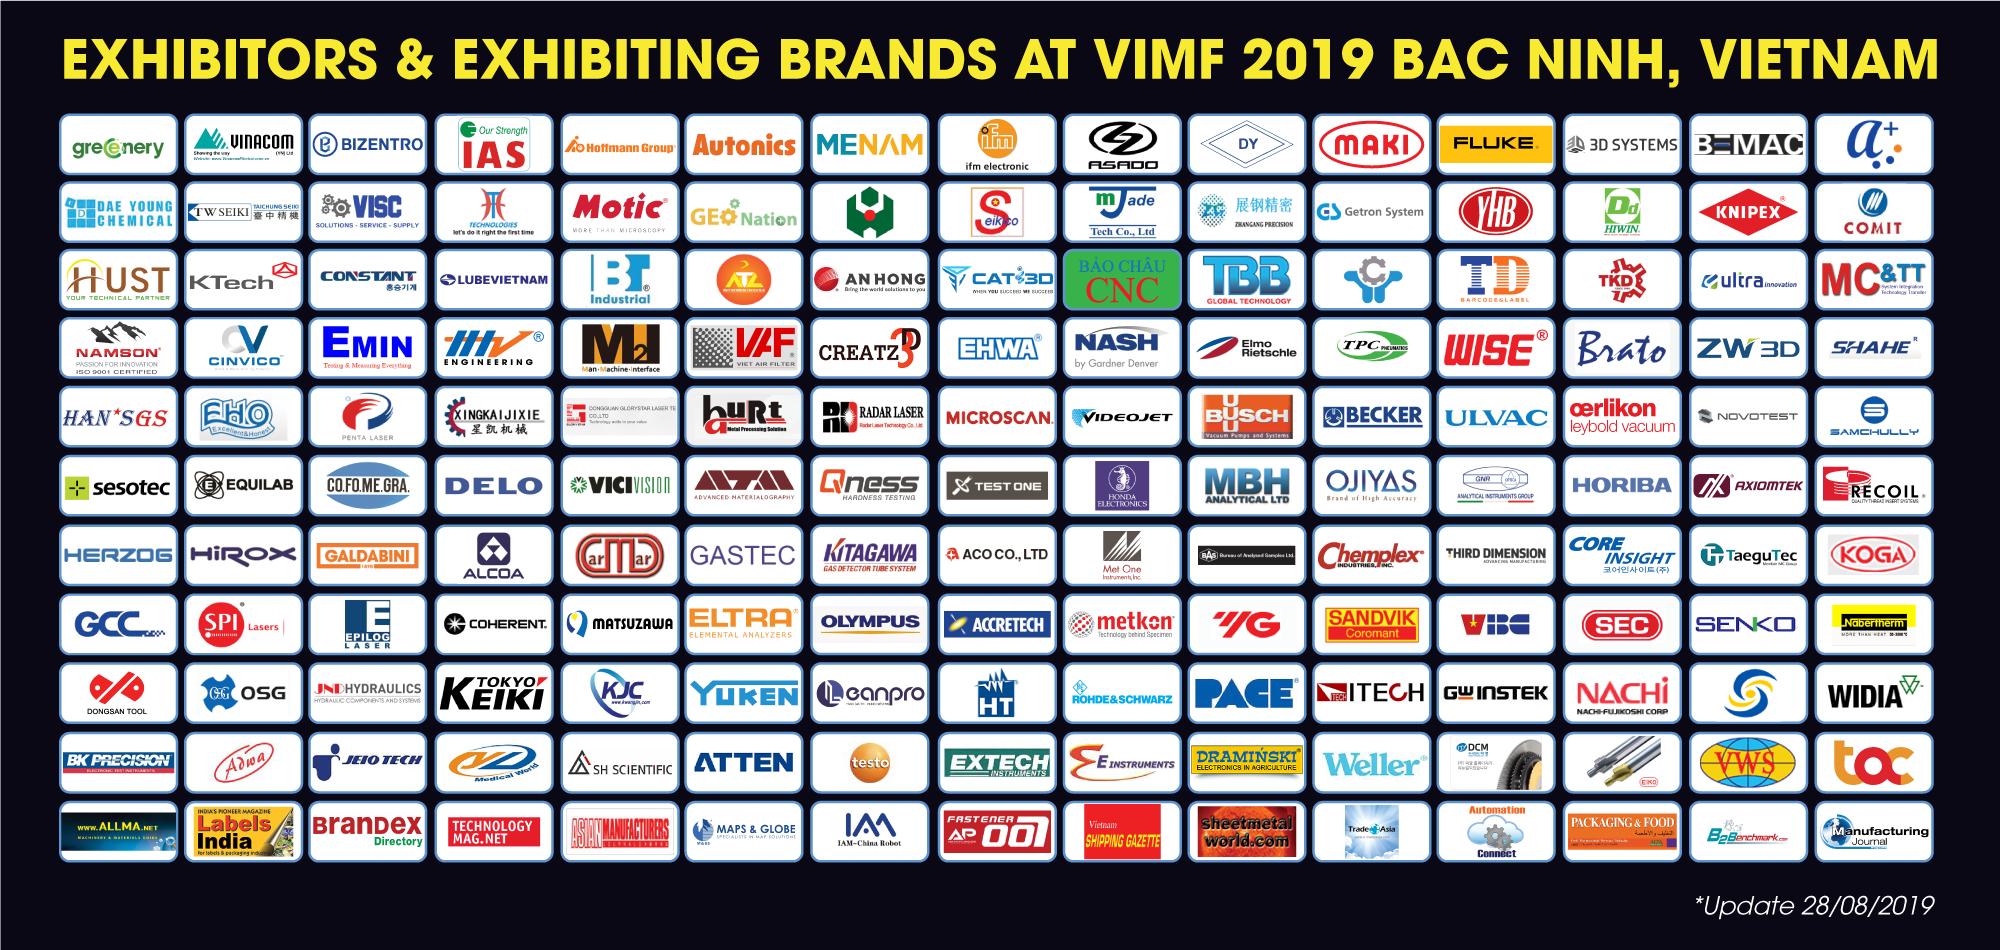 Brands-VIMF 2019-BNinh